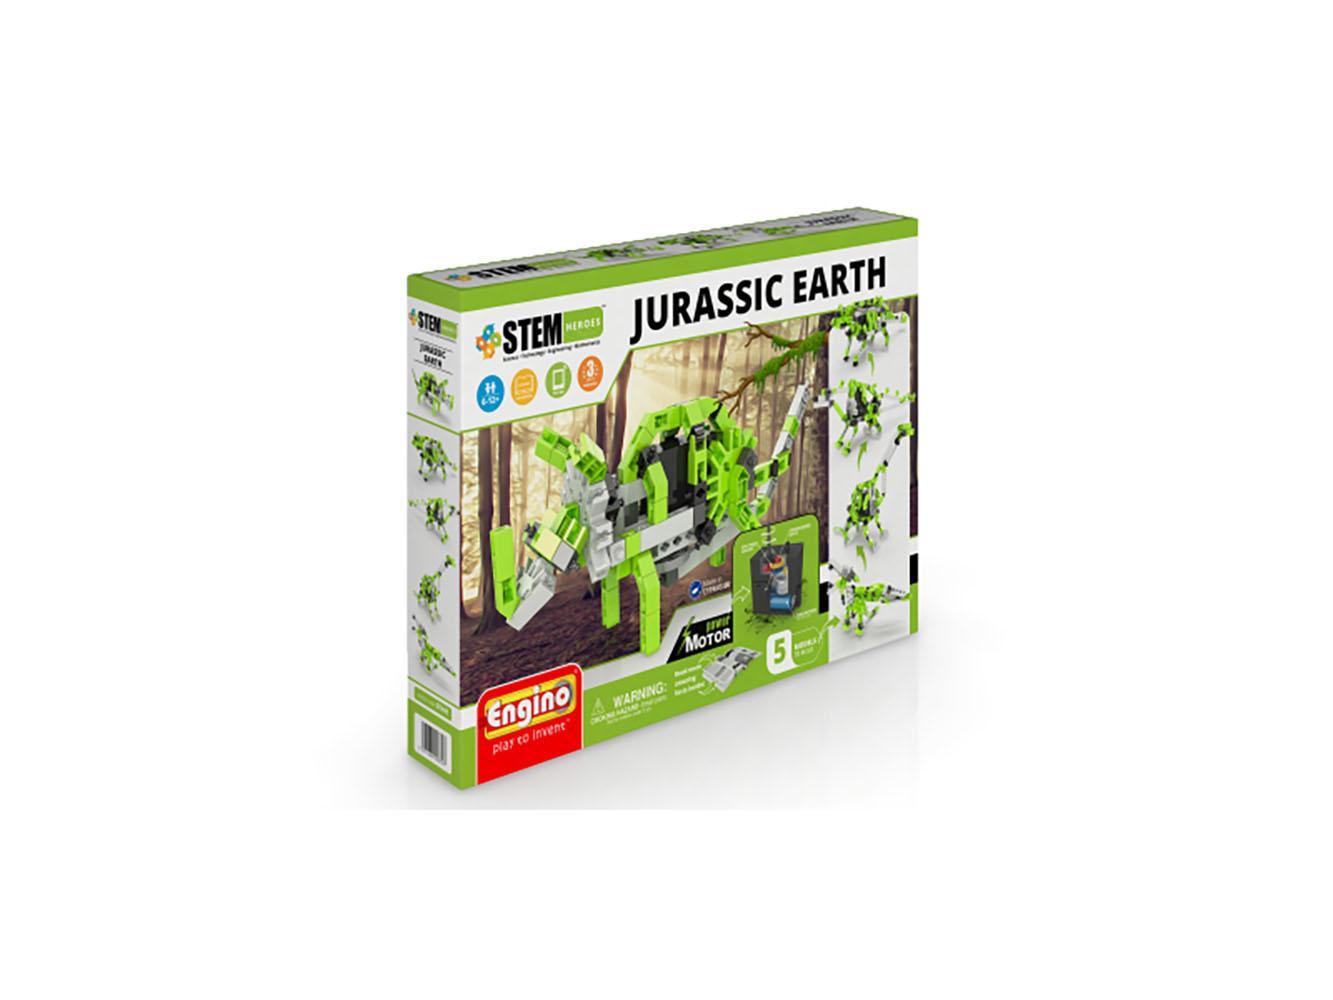 Stem Jurassic Earth - Motorized Models